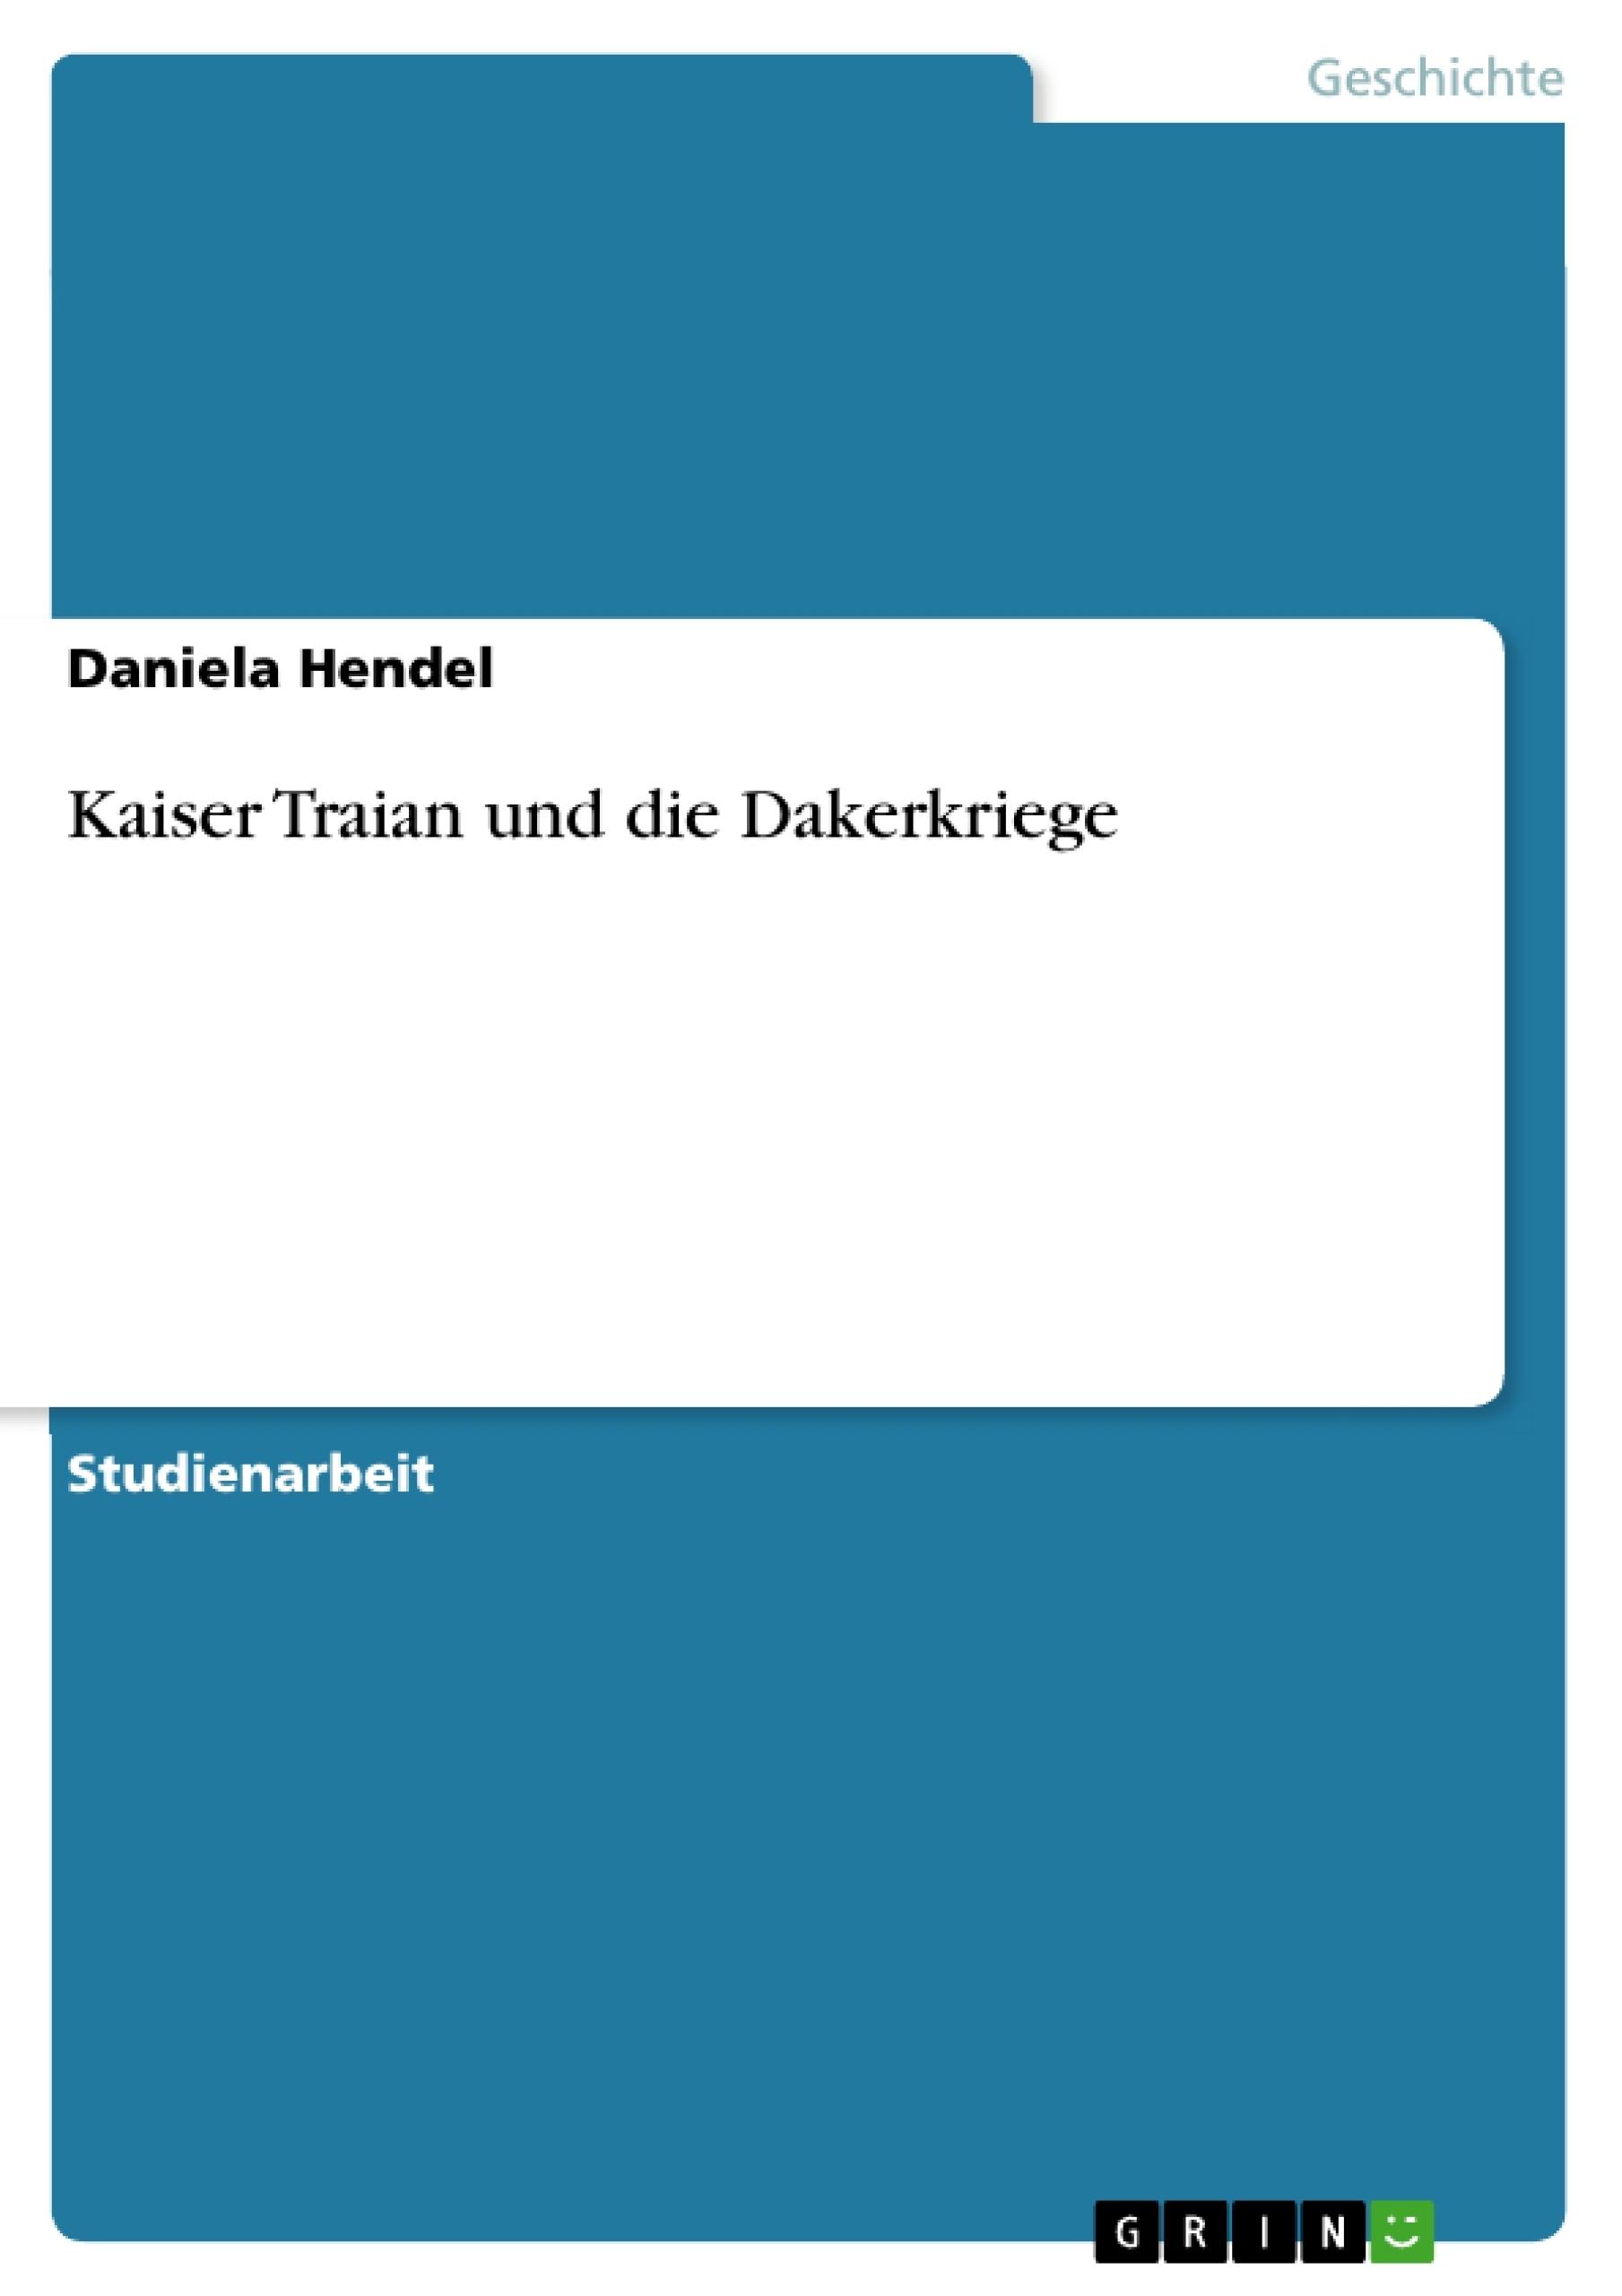 Titel: Kaiser Traian und die Dakerkriege